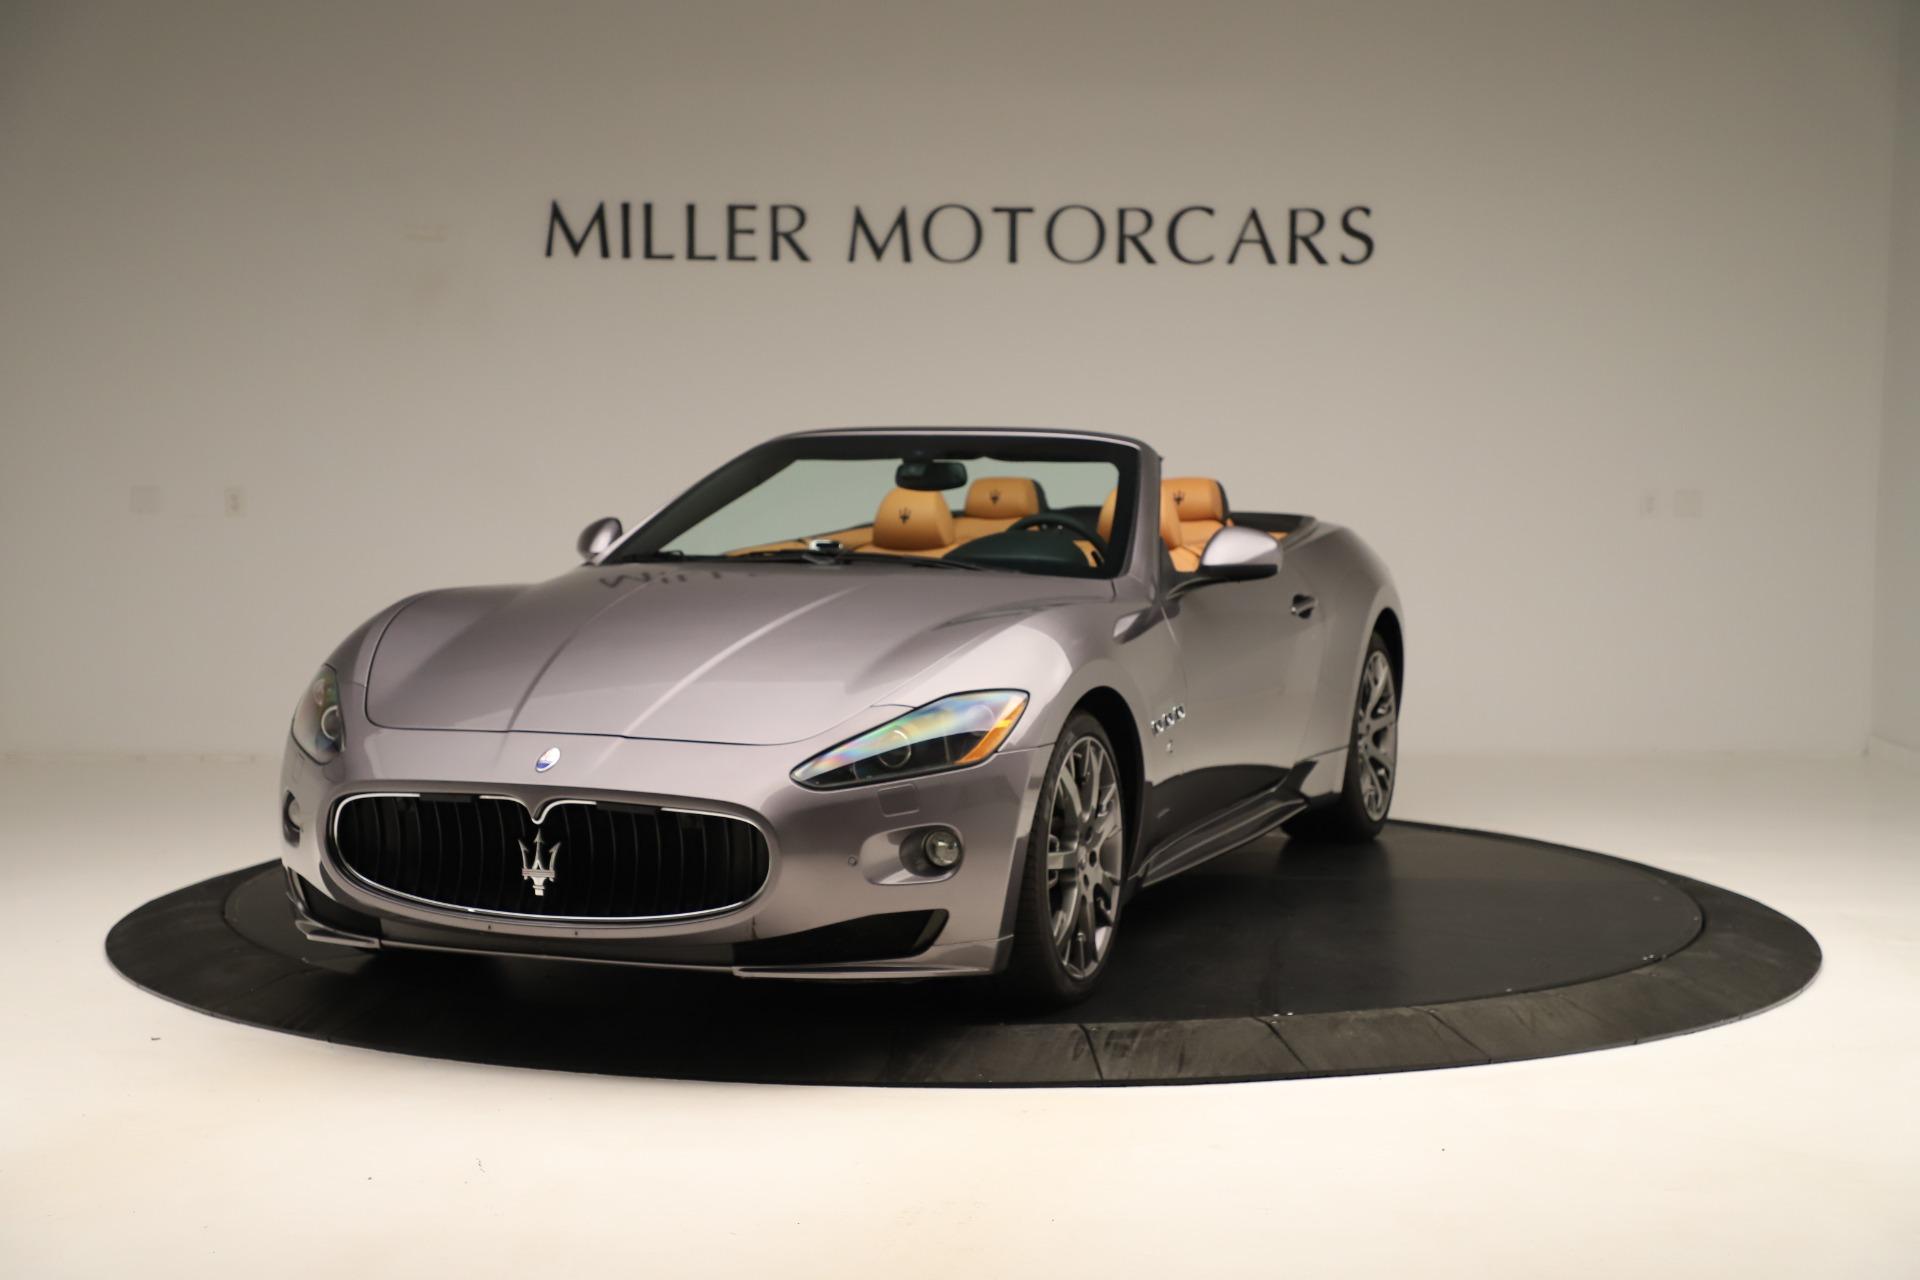 Used 2012 Maserati GranTurismo Sport for sale Sold at Bugatti of Greenwich in Greenwich CT 06830 1